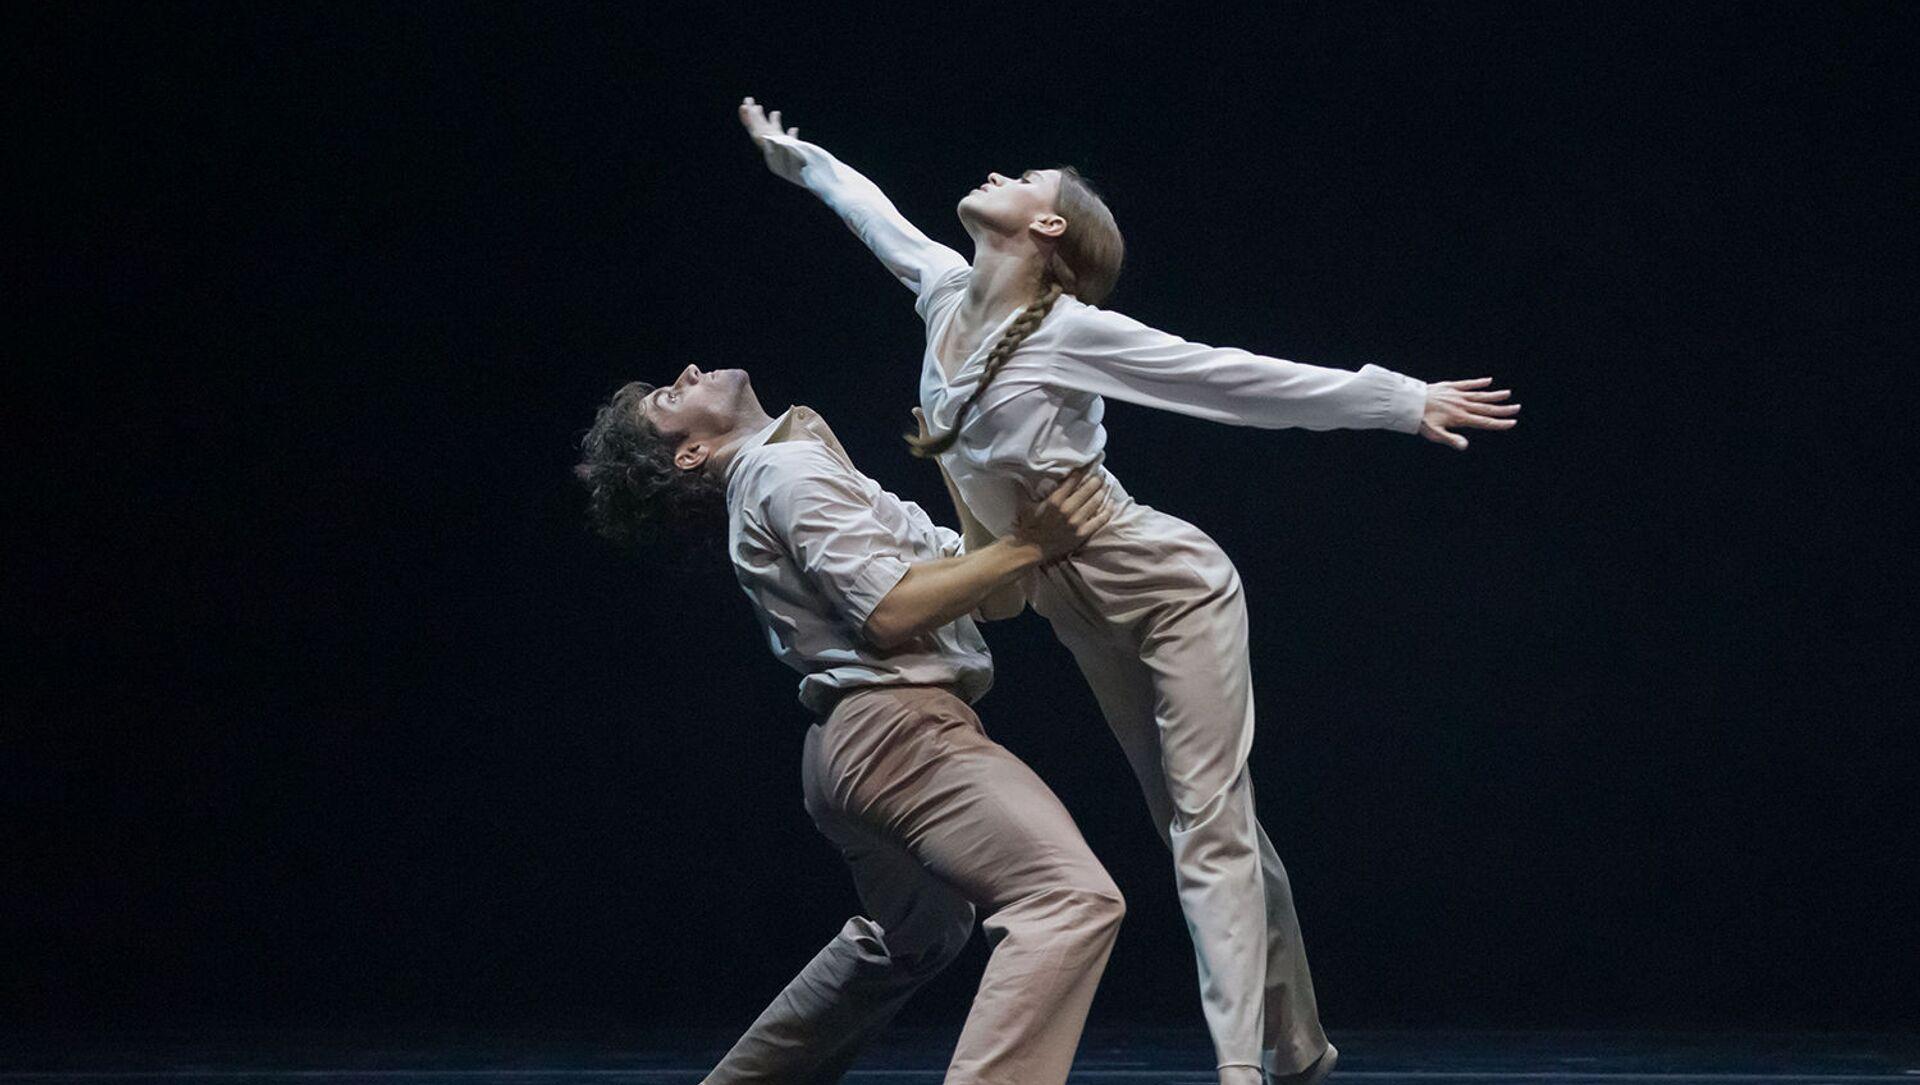 Igor Tsvirkó y María Vinogradova en el 'ballet' 'Fading' por Dimo Milev en el teatro Bolshói - Sputnik Mundo, 1920, 08.02.2021